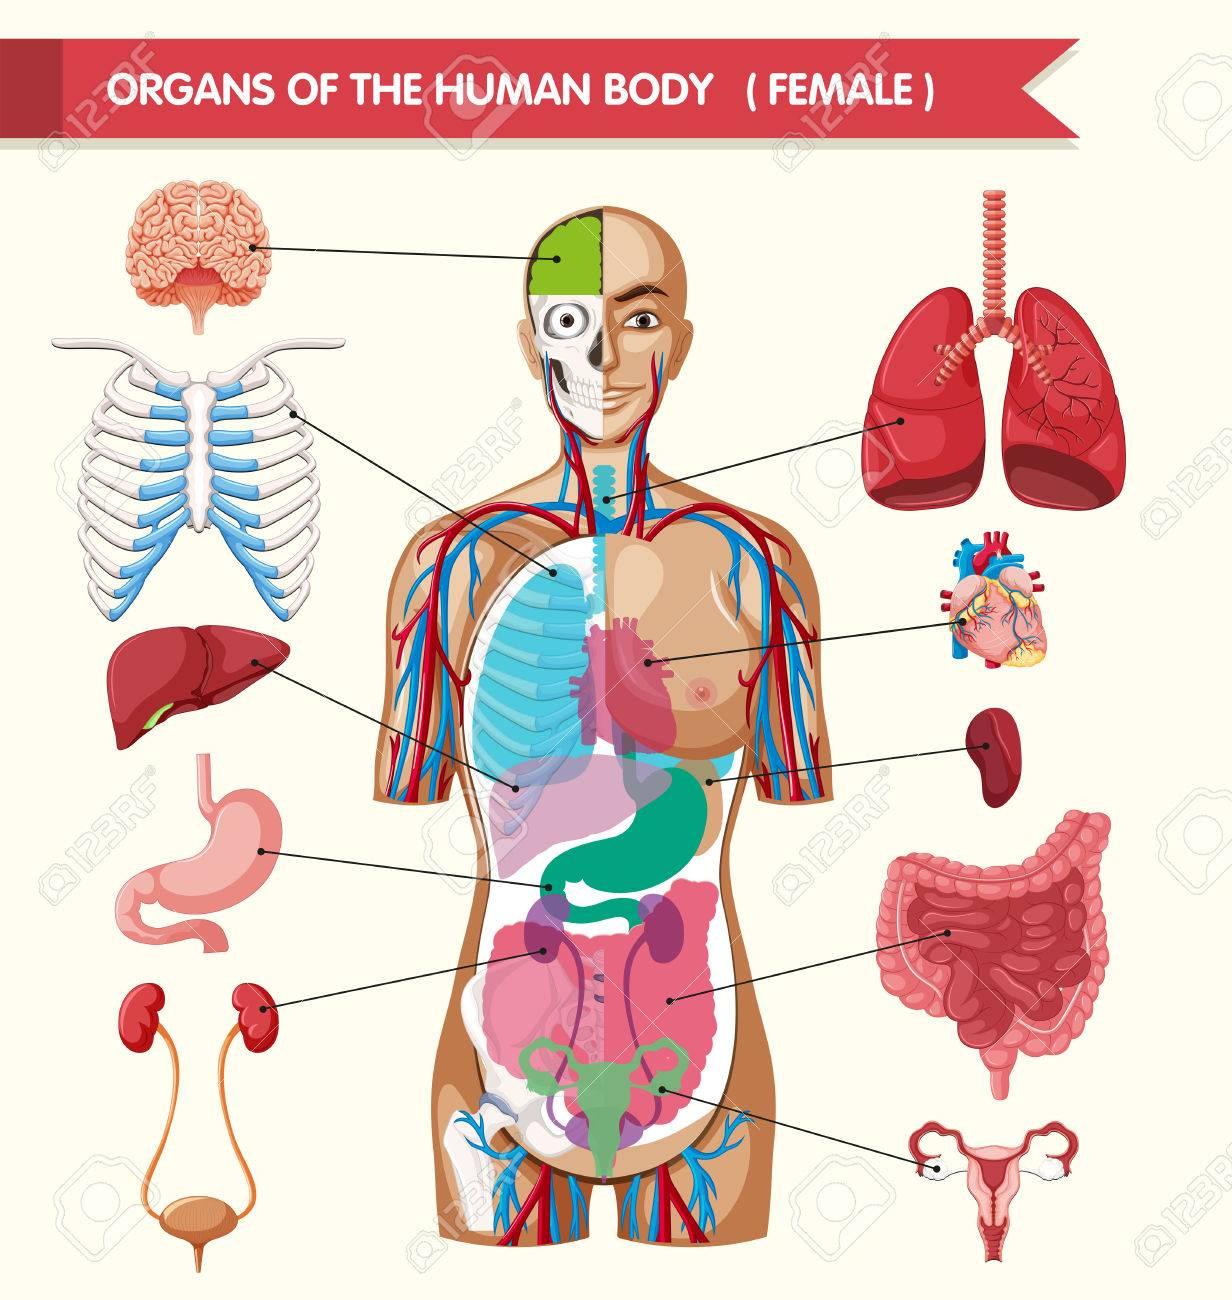 Moderno Interior Diagrama De órganos Del Cuerpo Bosquejo - Anatomía ...